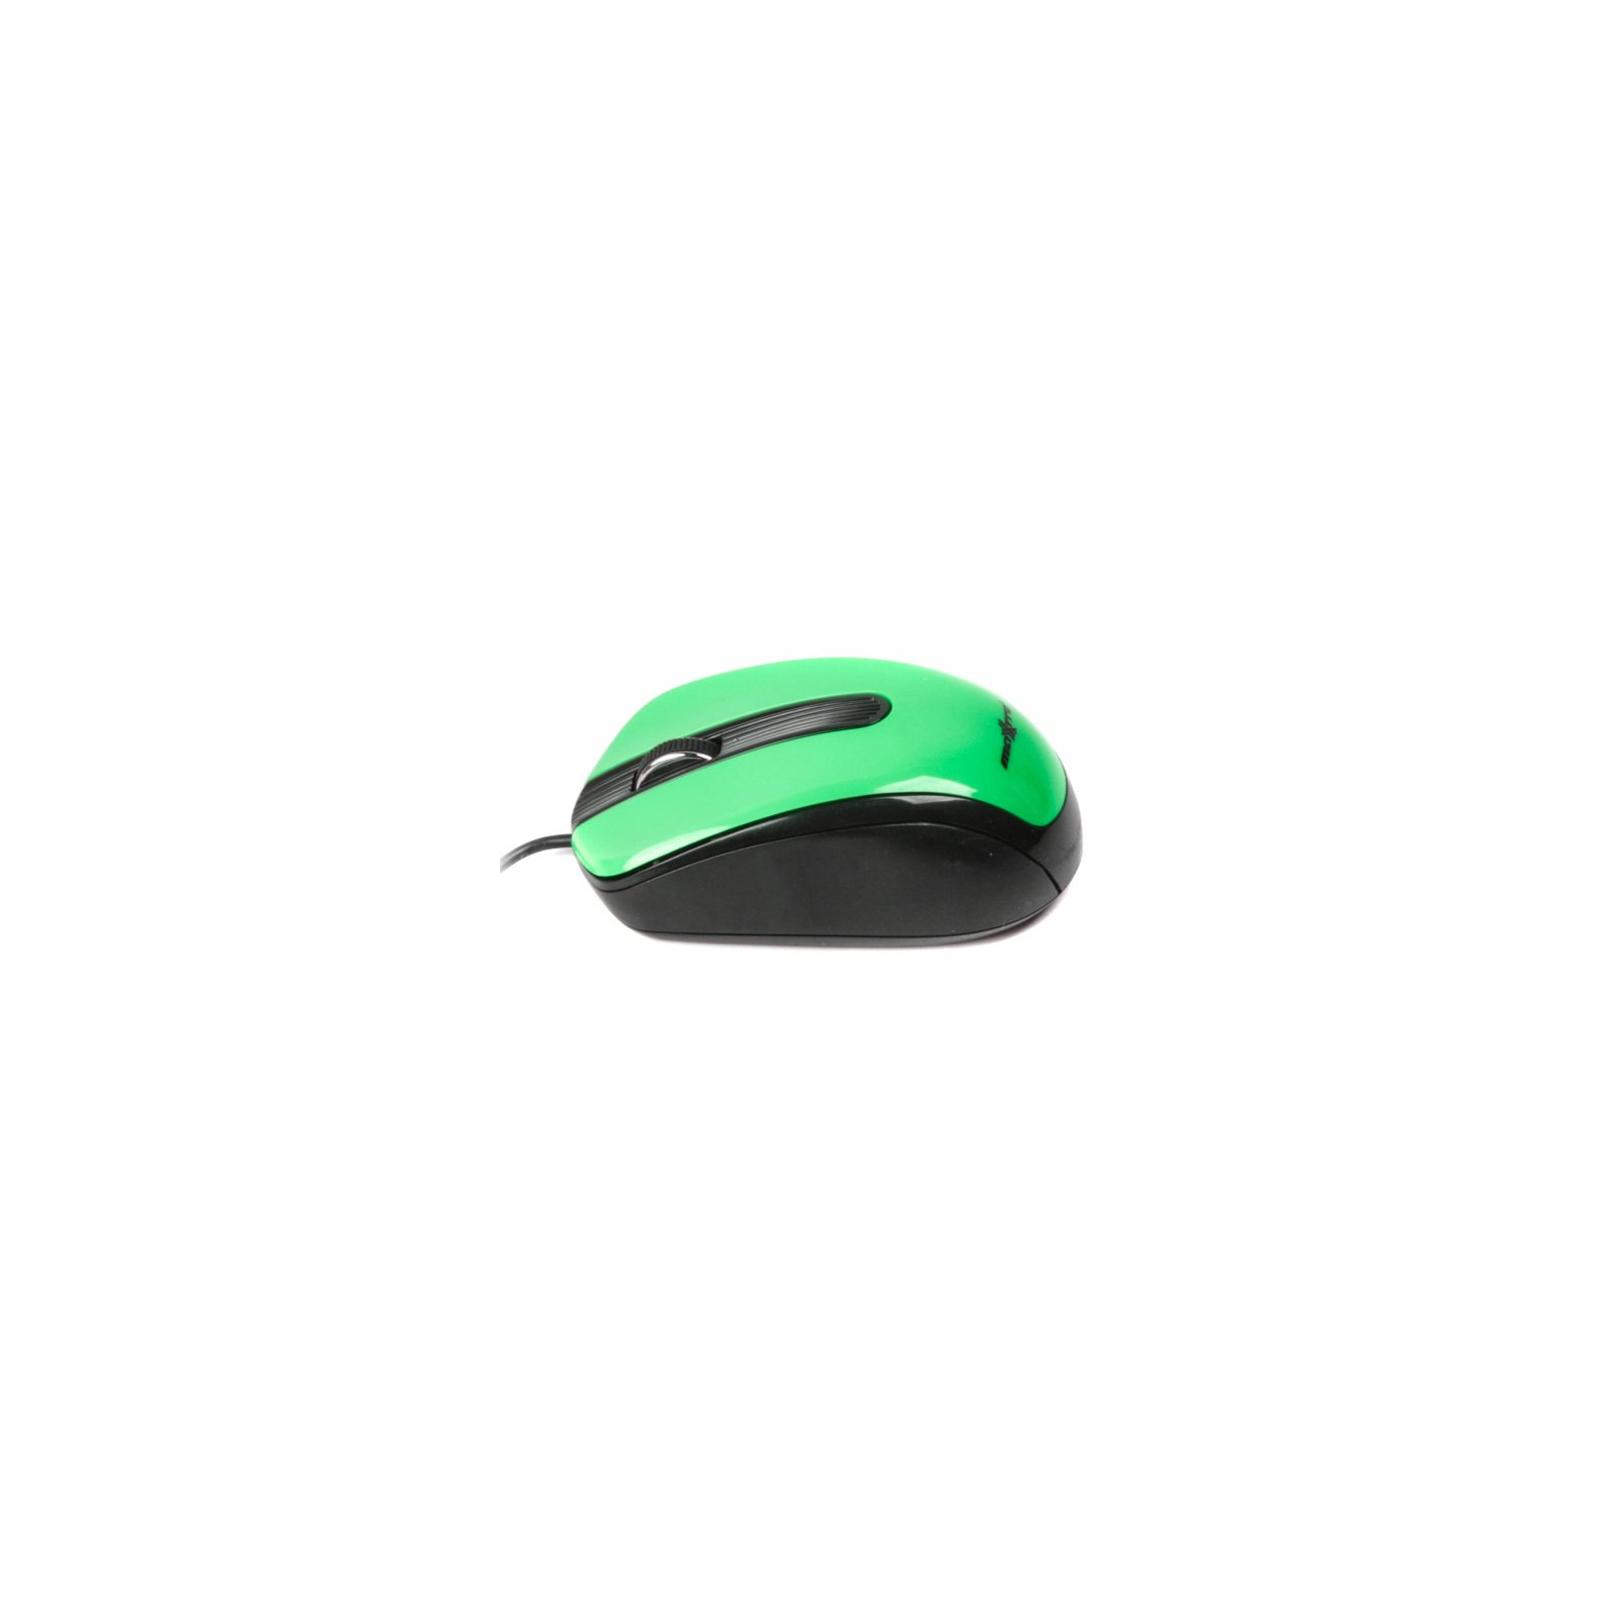 Мышка Maxxter Mc-325-G изображение 2